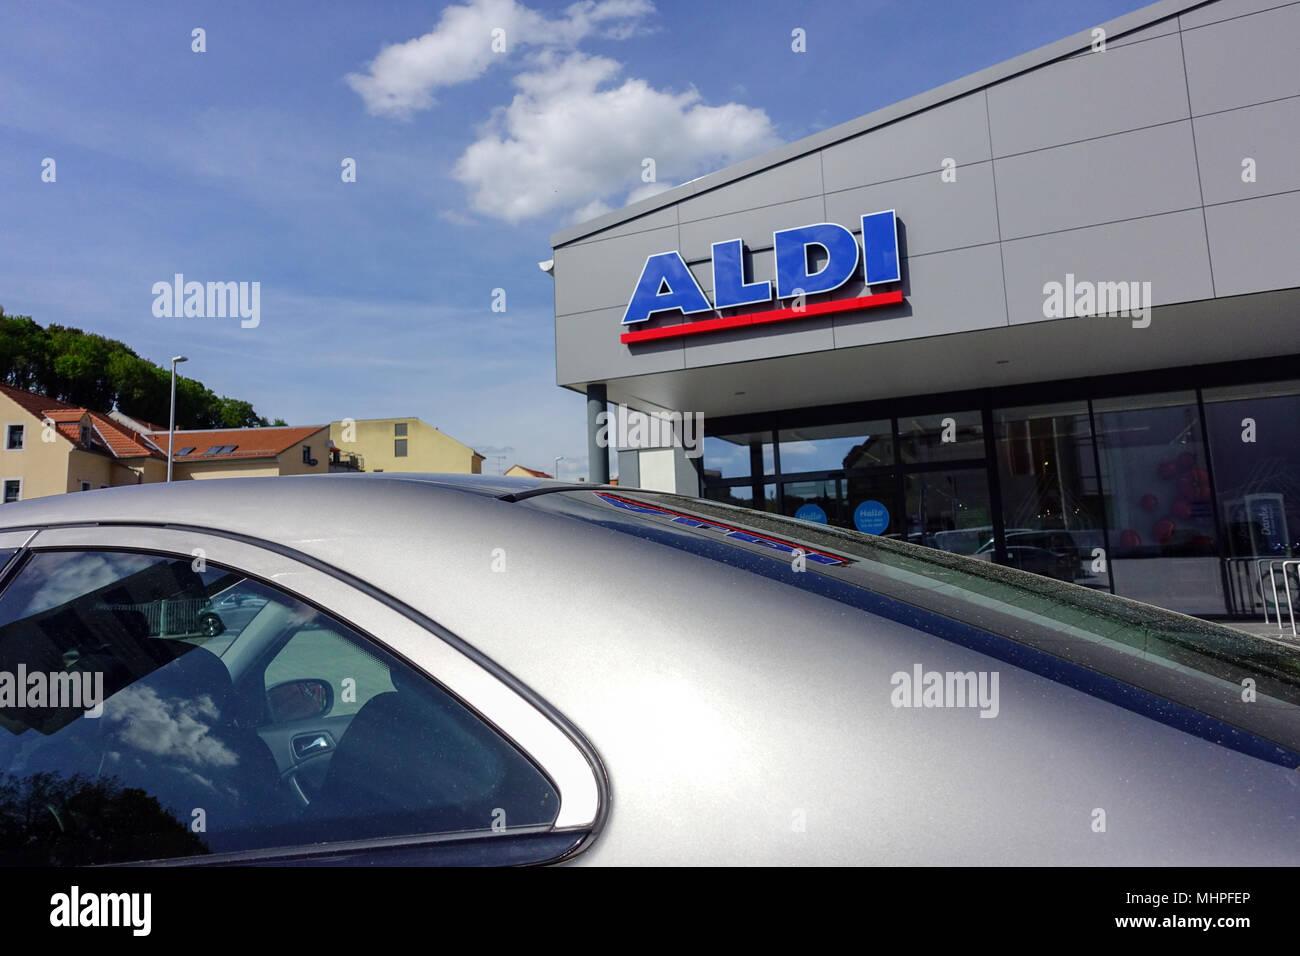 Aldi Kühlschrank Auto : Profi küchenmaschine aldi nord studio profi küchenmaschine von